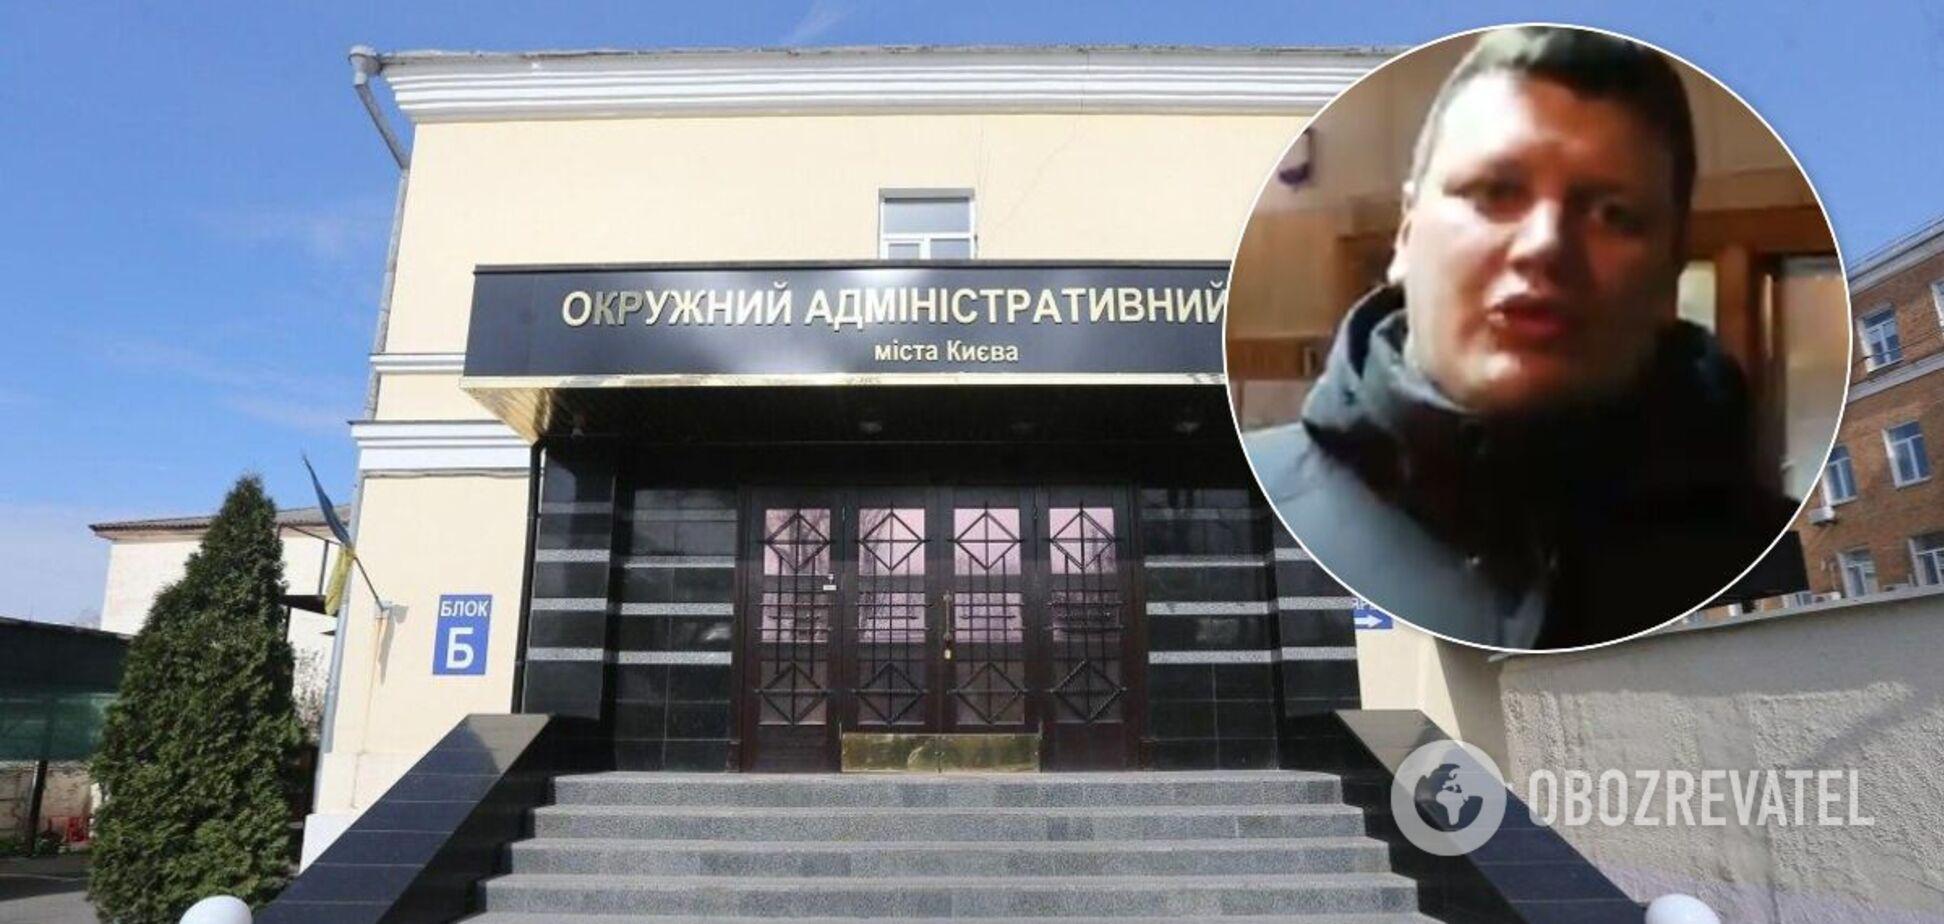 Стало известно, кто автор иска об отмене нового украинского правописания. Видео